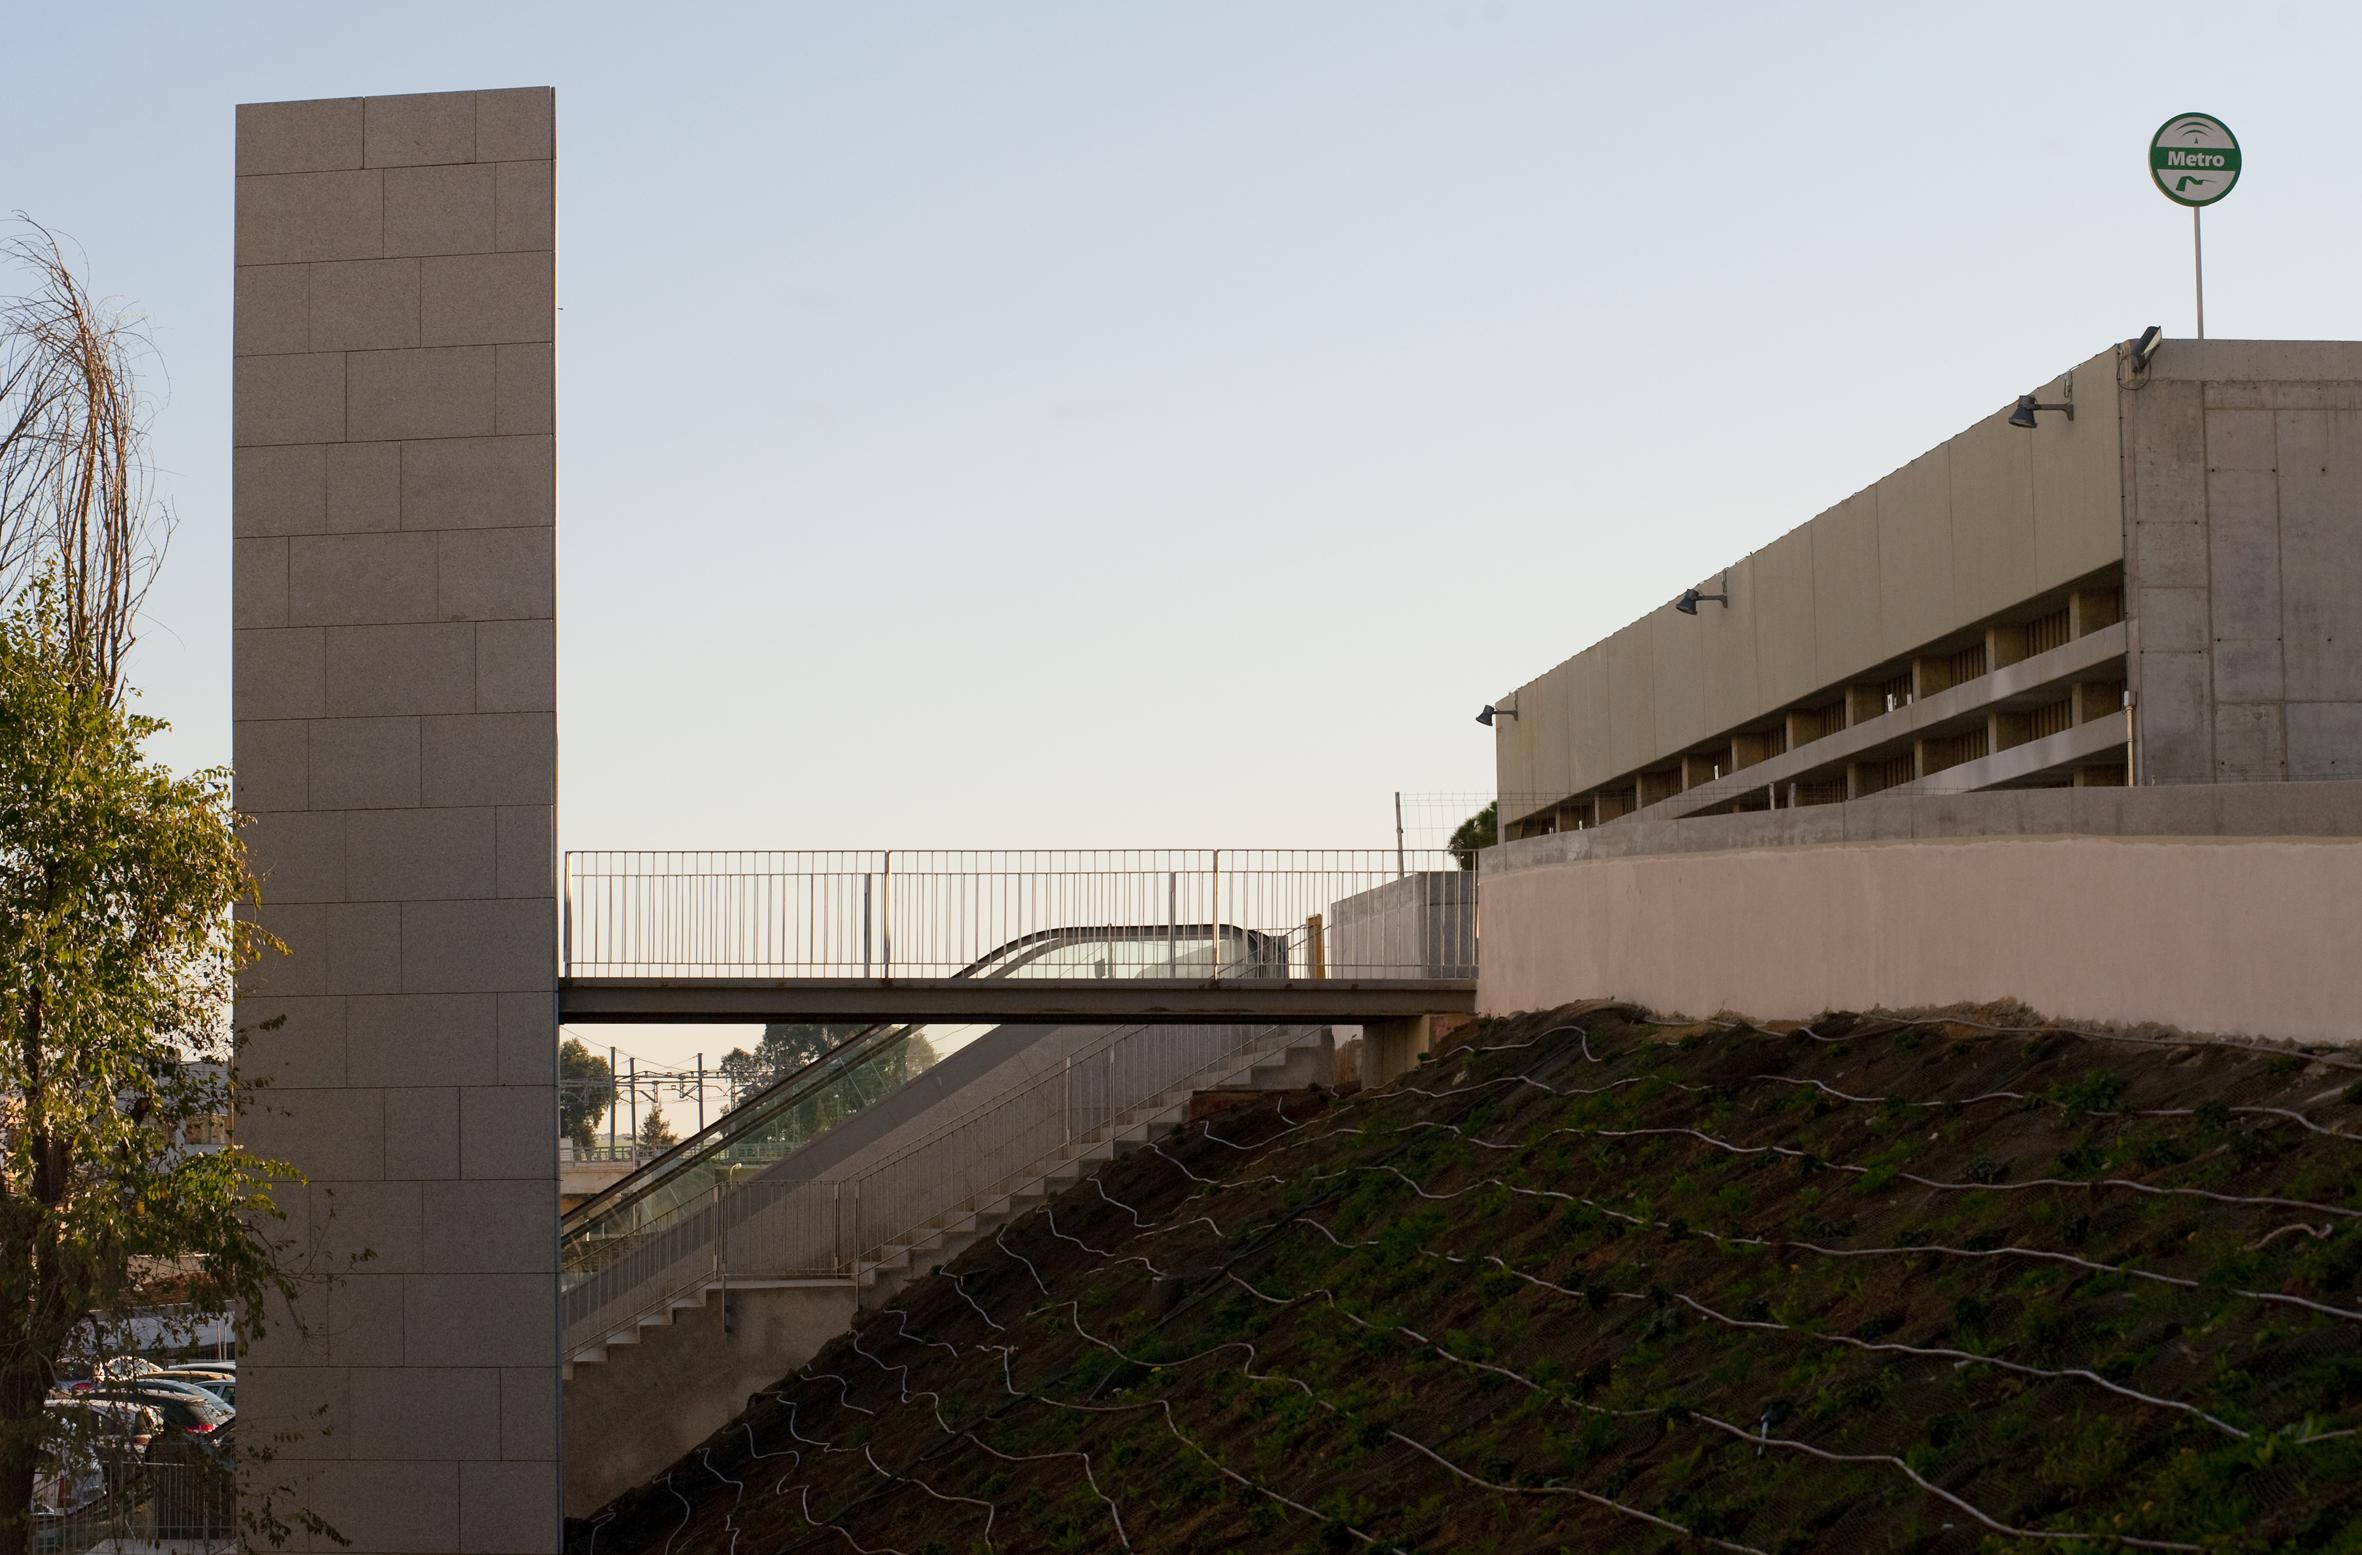 Los ascensores y escaleras mecánicas del nuevo Parque del Barrio de la Música mejorarán la permeabilidad vecinal y el acceso a la Estación Cocheras del Metro de Sevilla